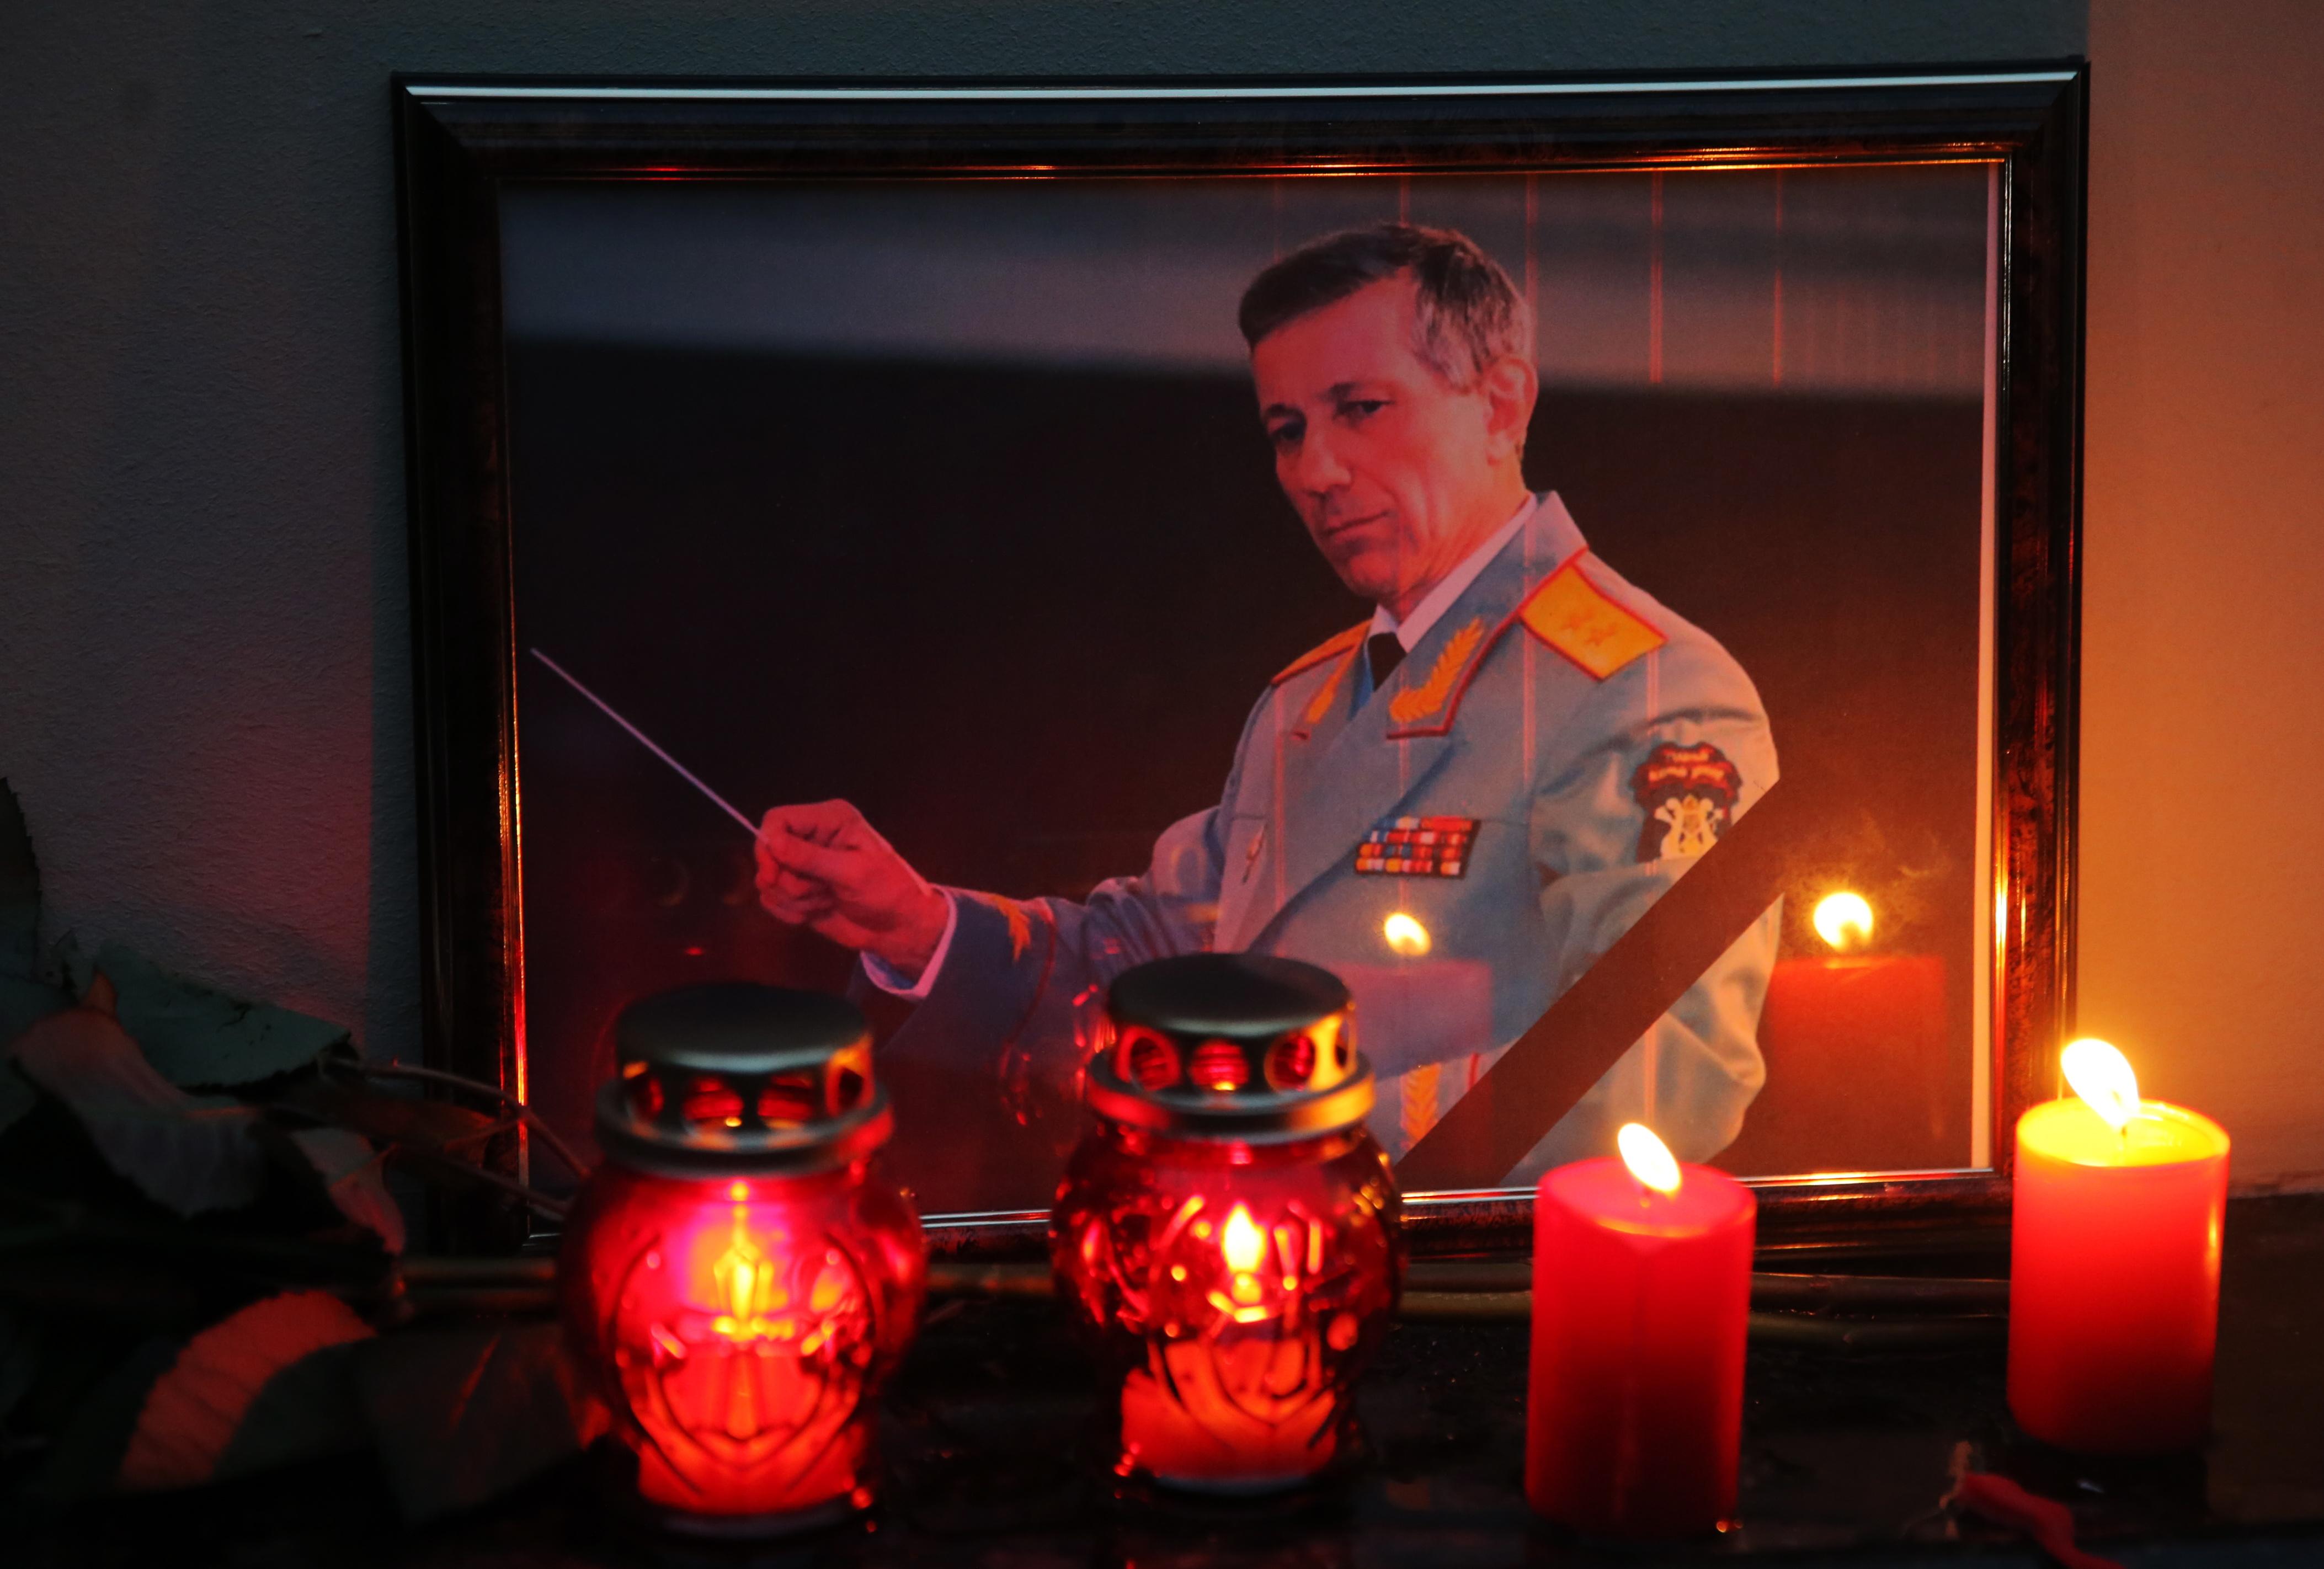 Il coro dell'Armata Rossa: una perdita insostituibile